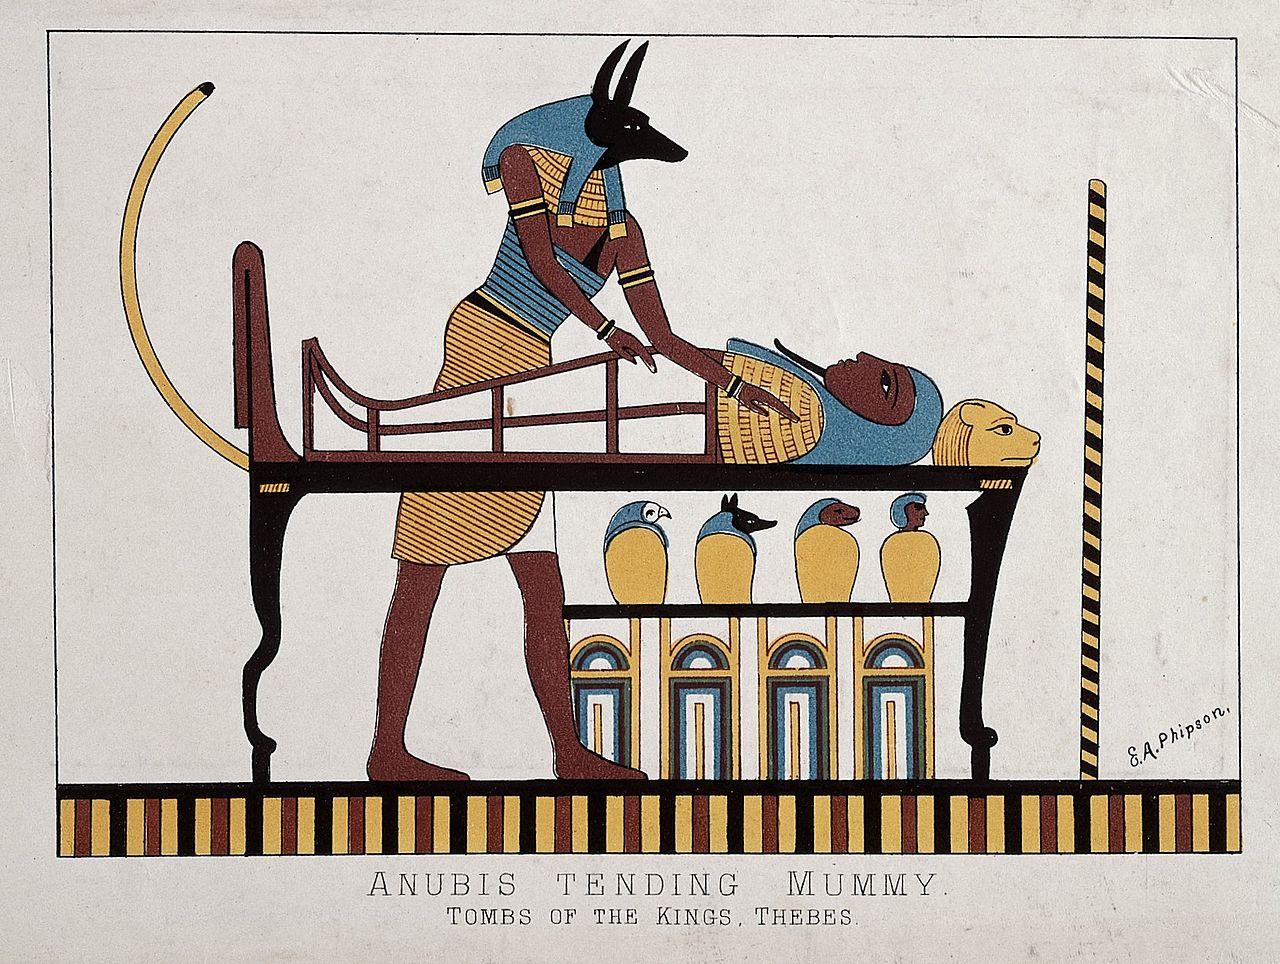 anubis tending mummy